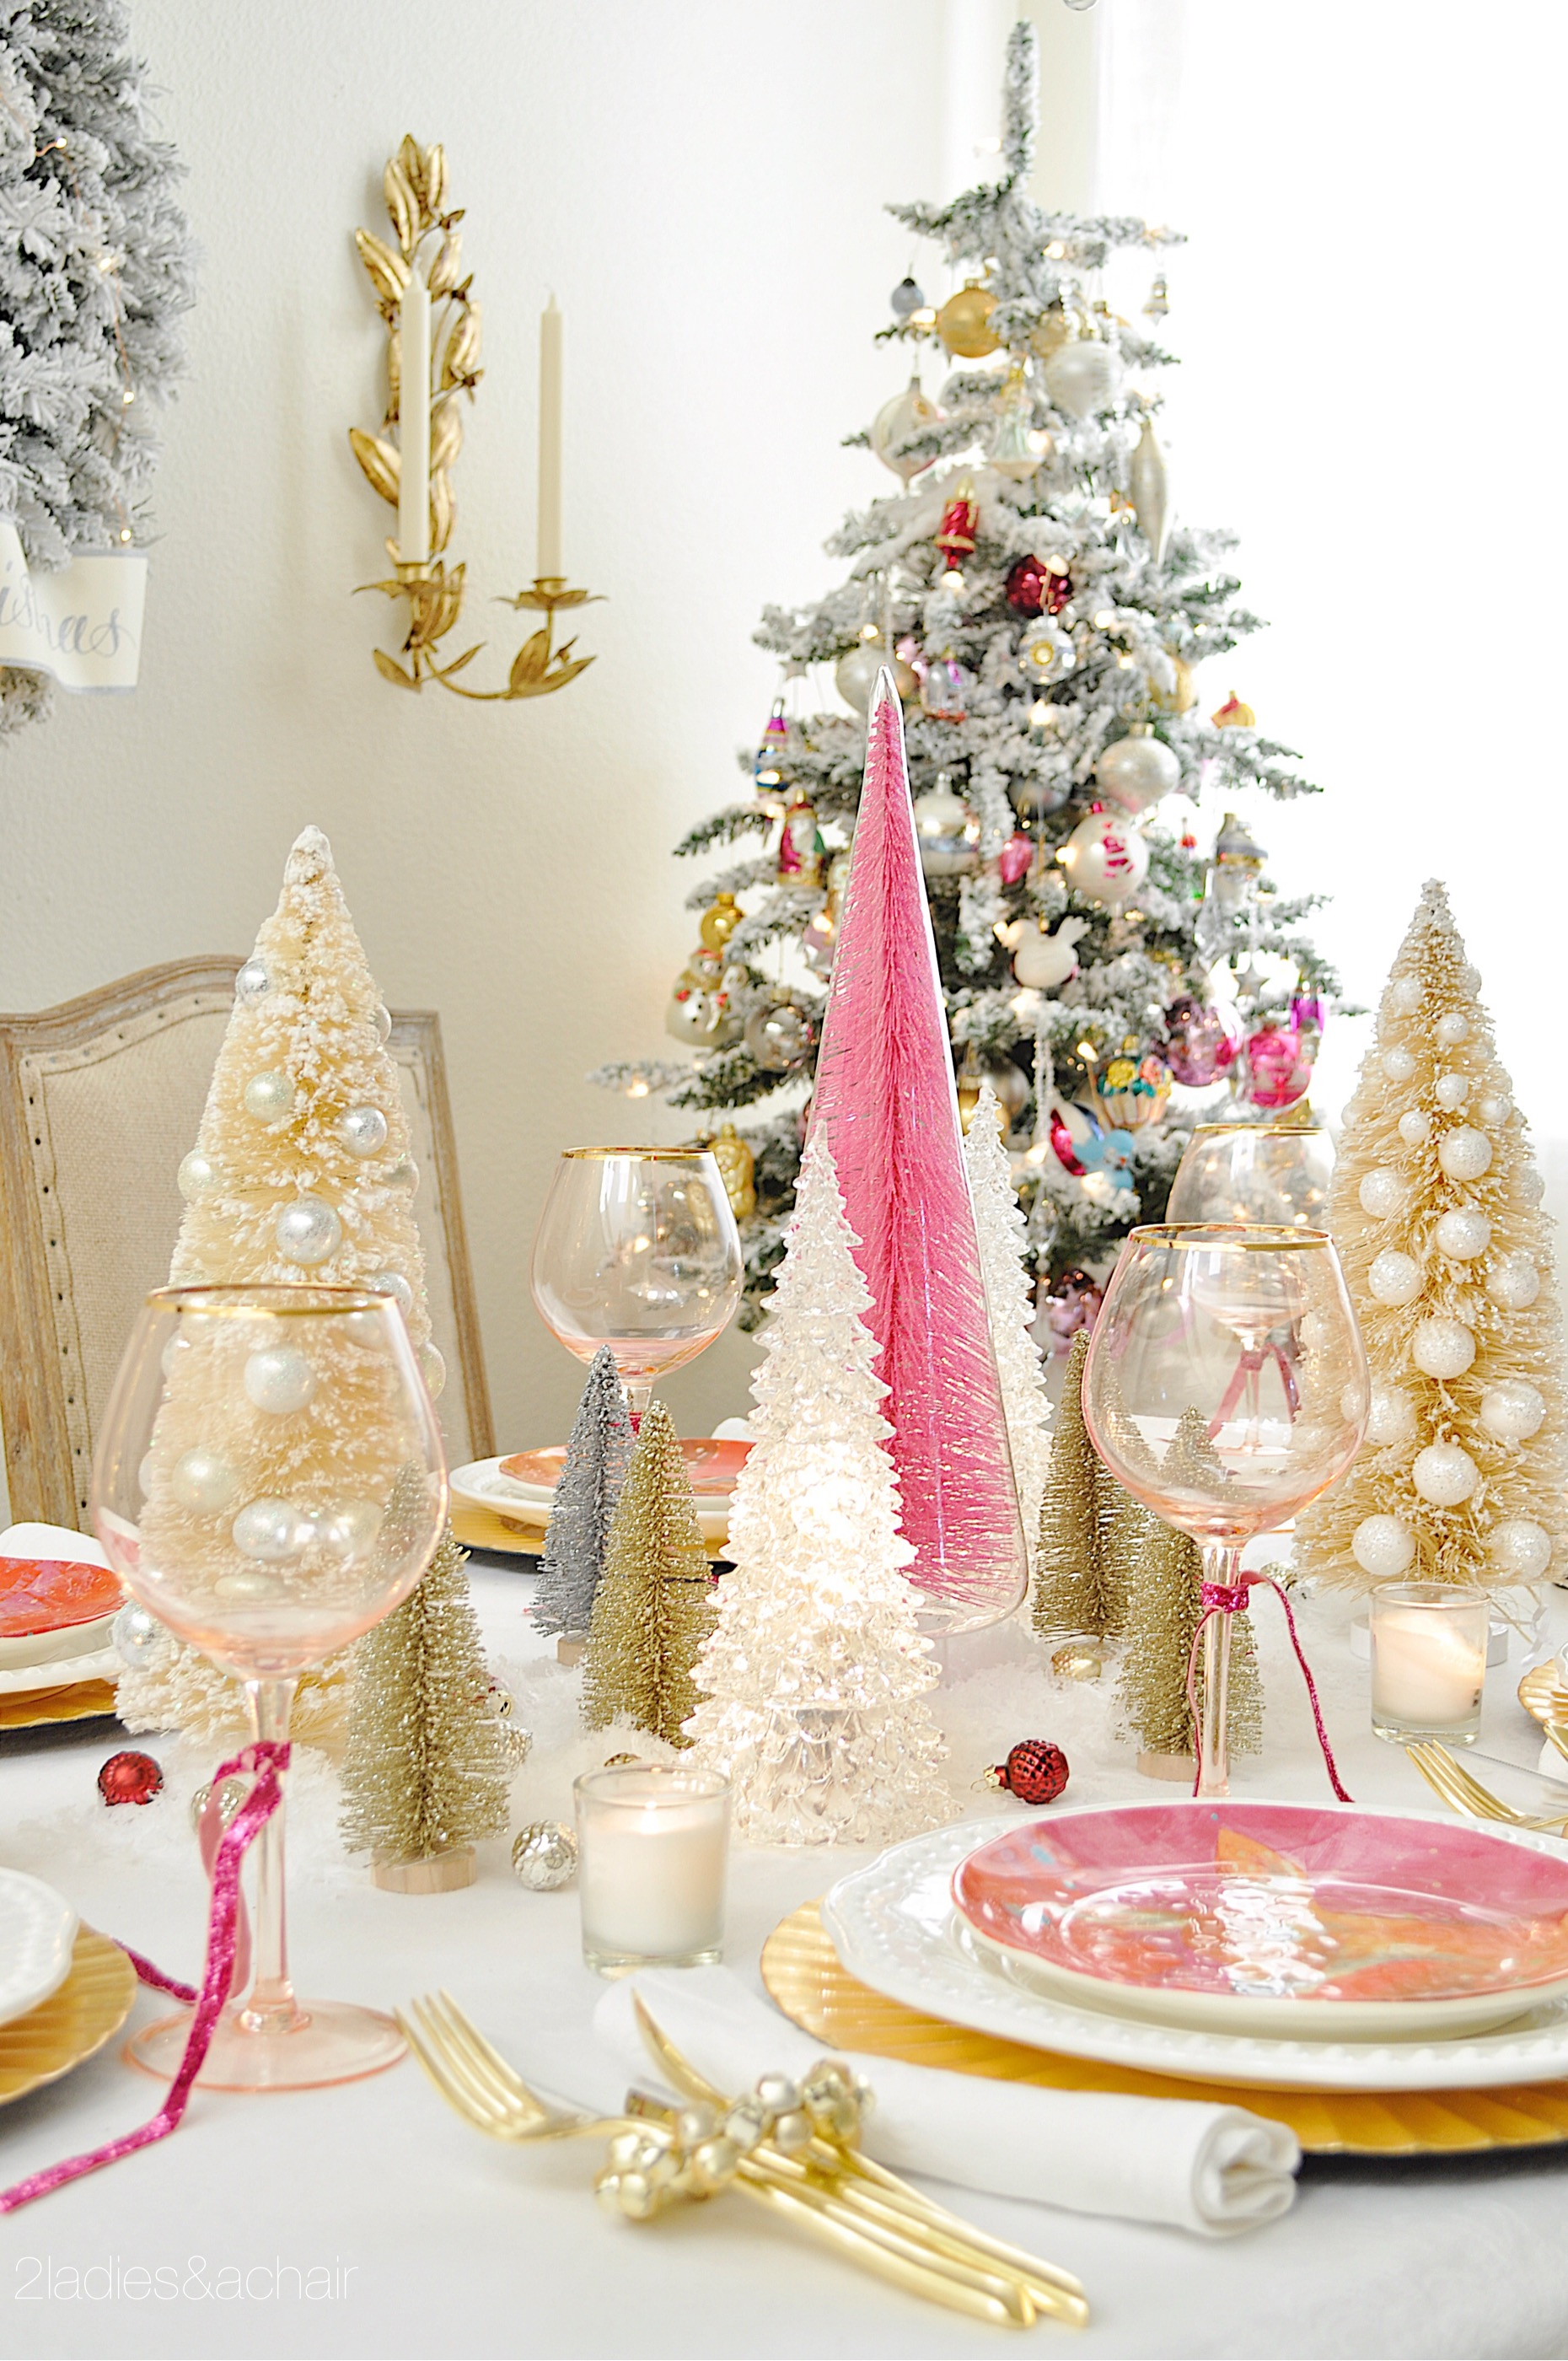 christmas tablescape ideas IMG_8740.JPG